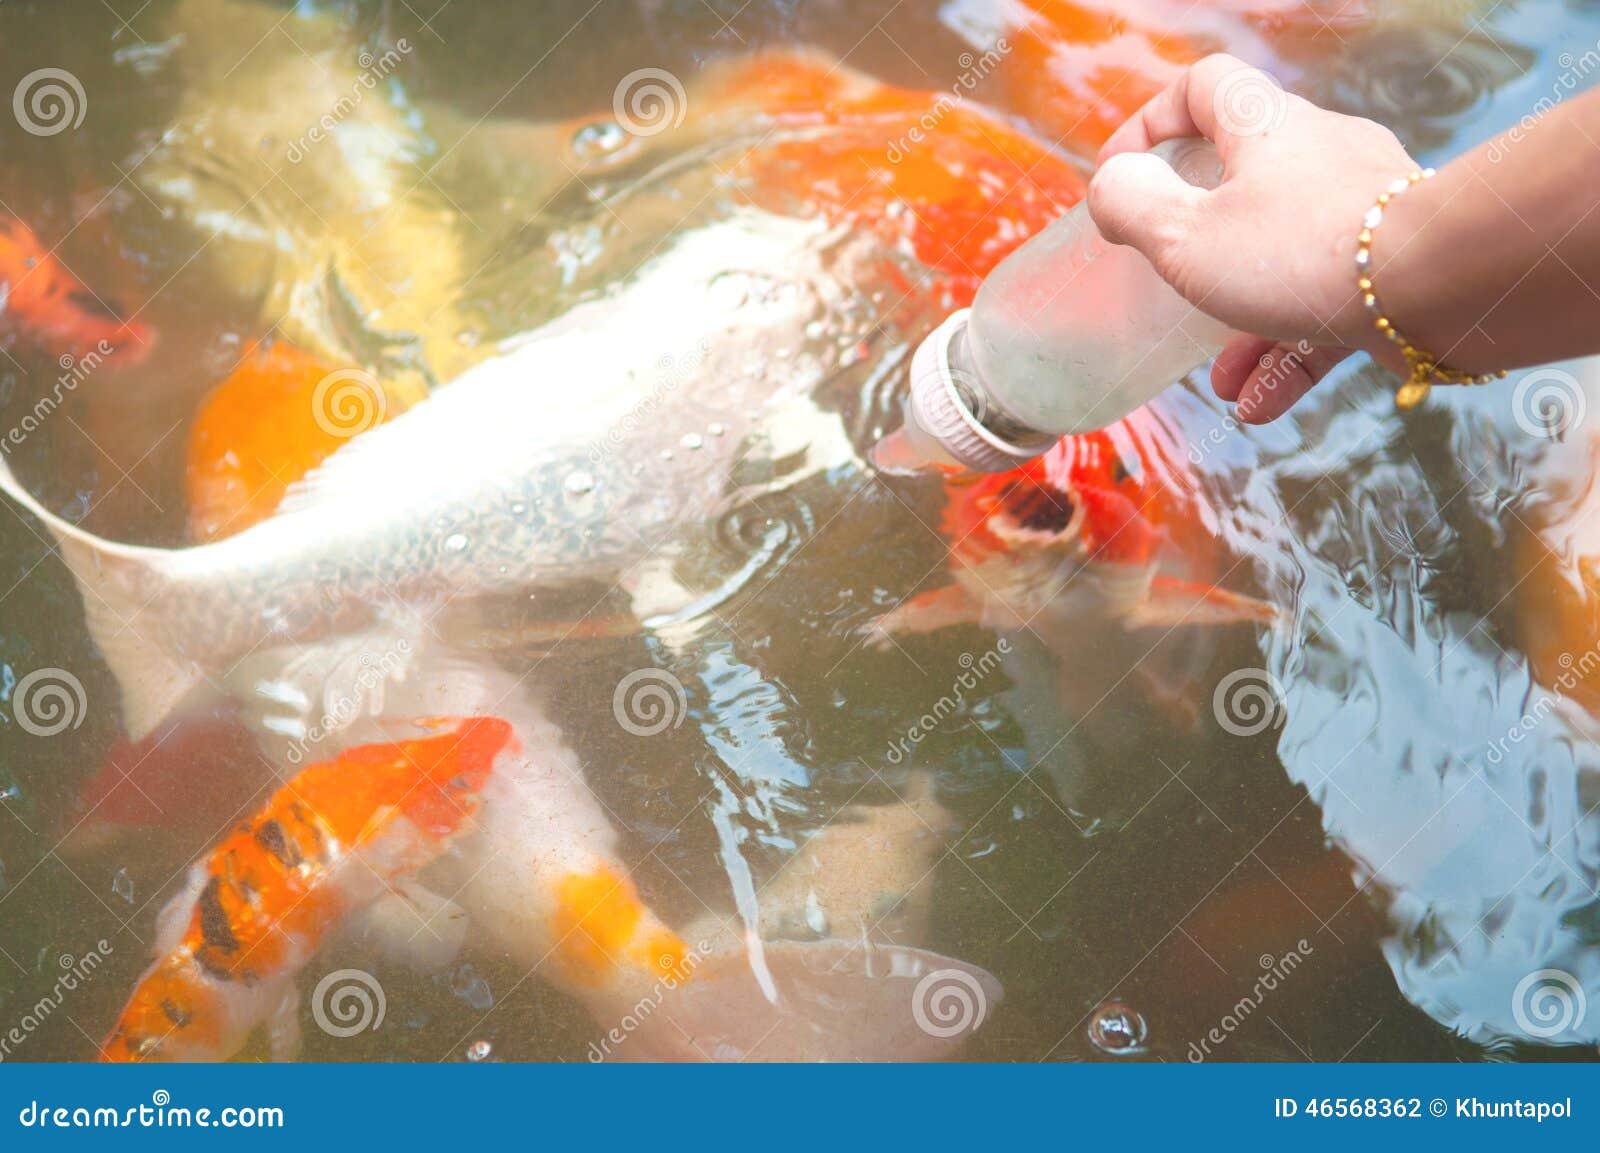 Feeding Koi Fish With Milk Bottle Stock Photo